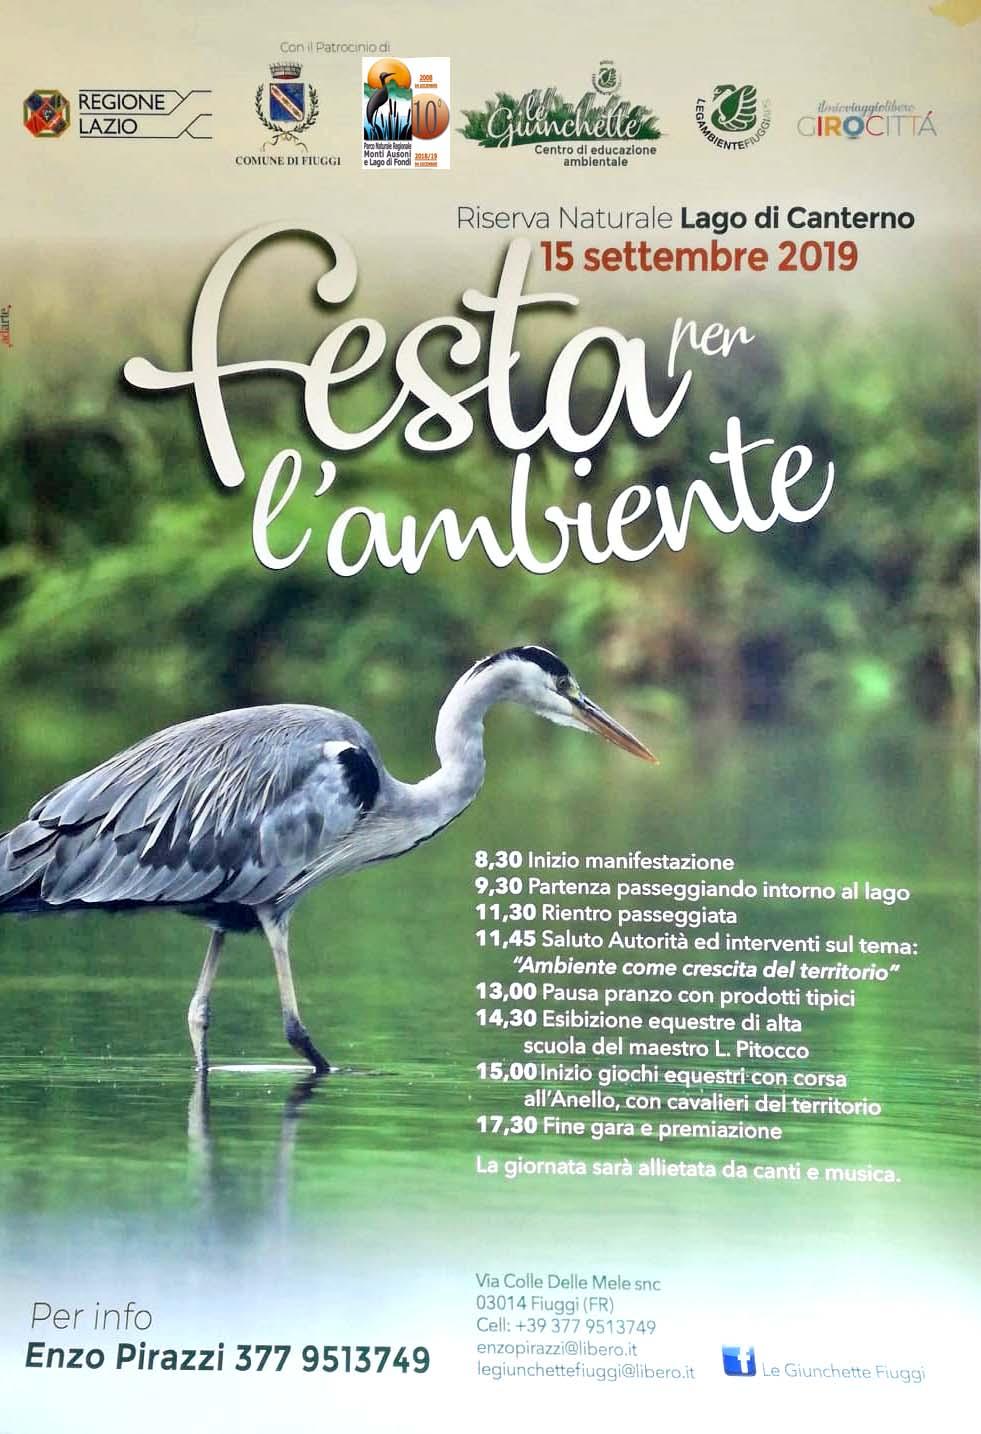 Festa per l'ambiente Canterno 15 settembre 2019.jpg